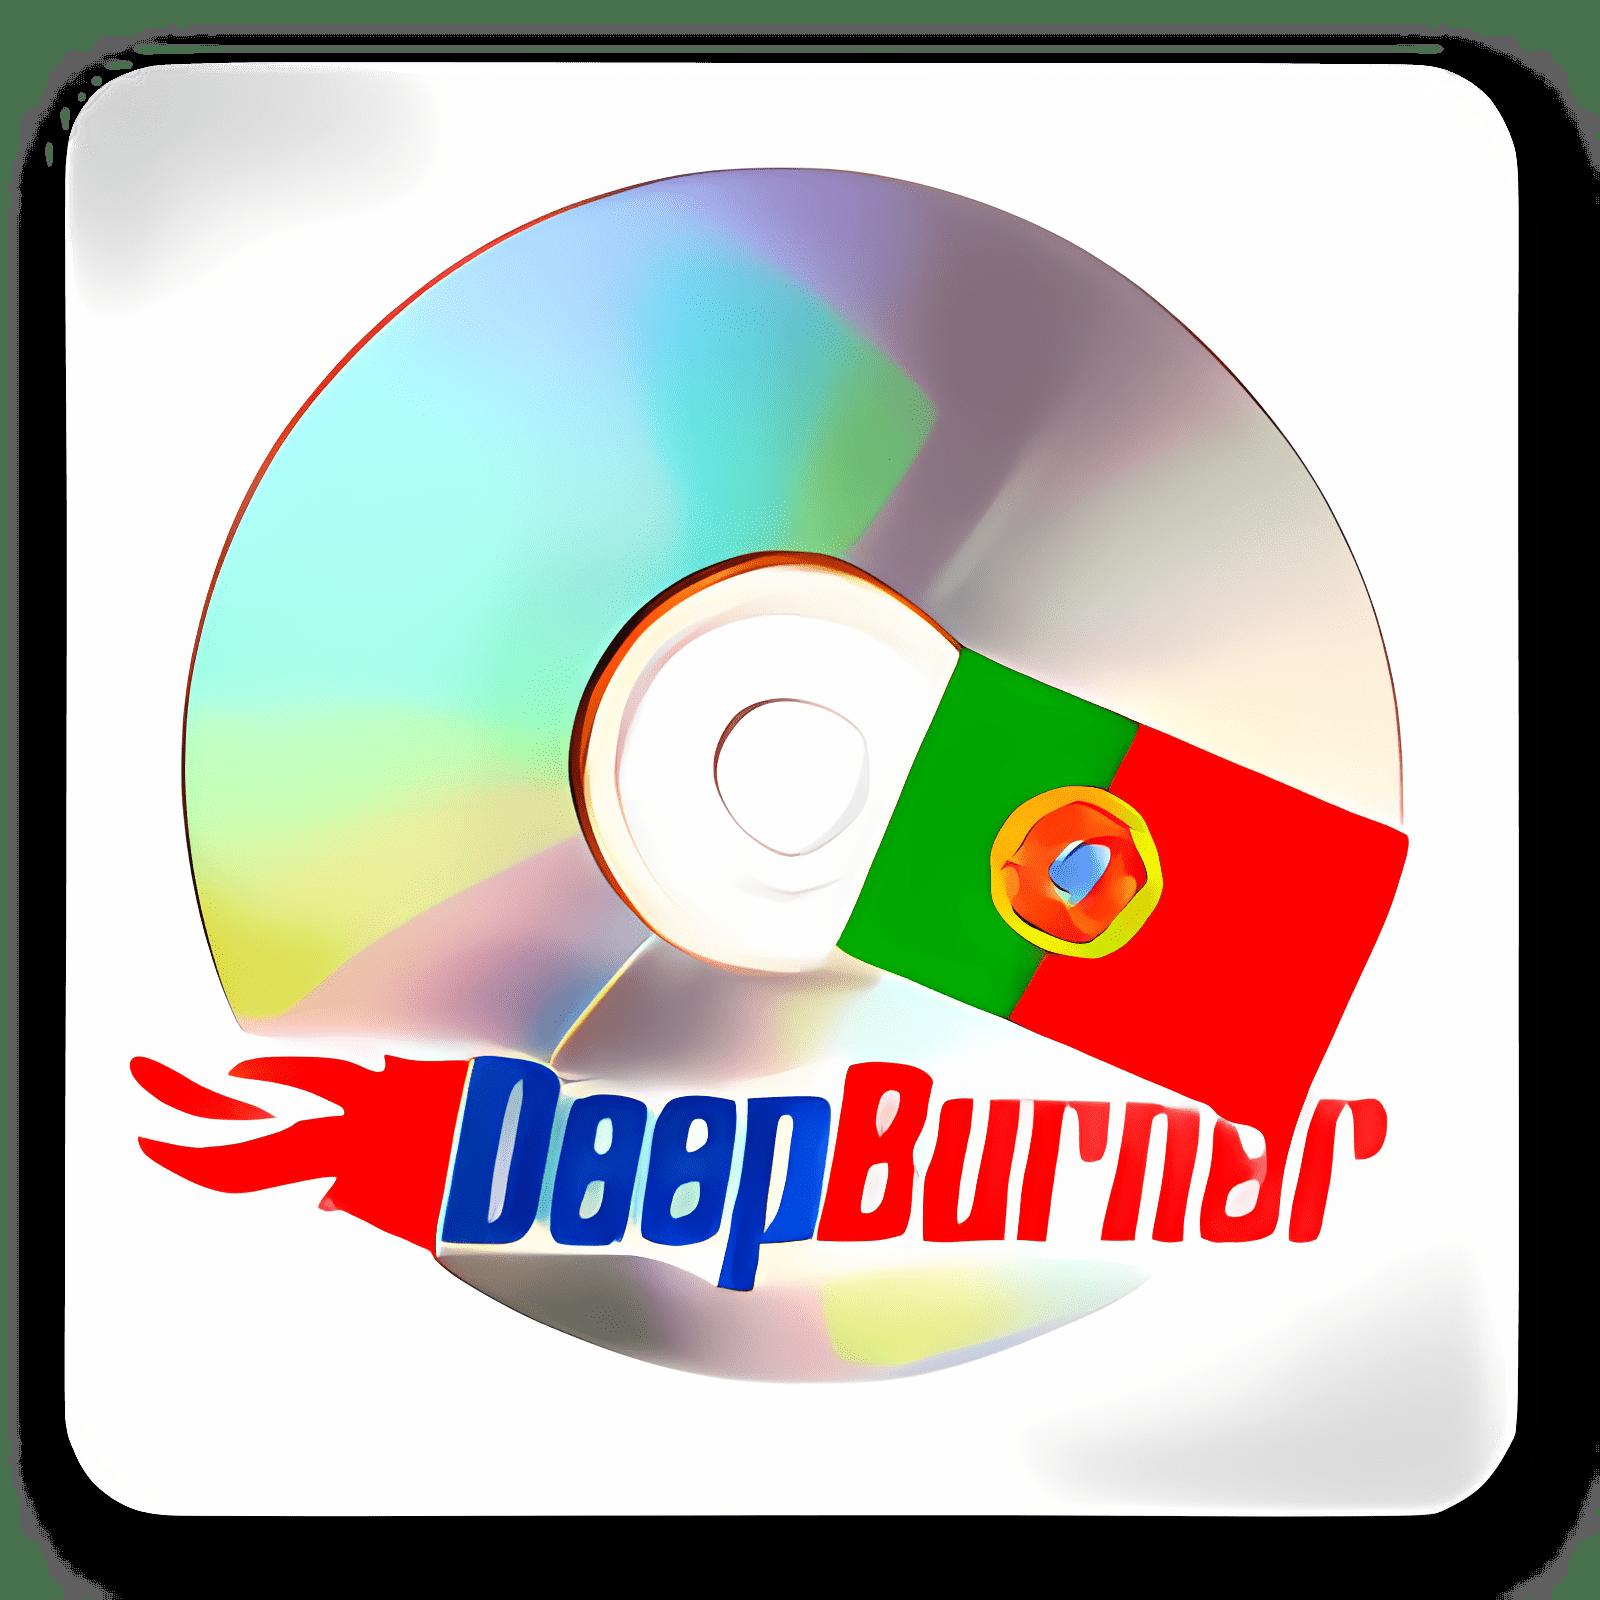 Português de Portugal para DeepBurner